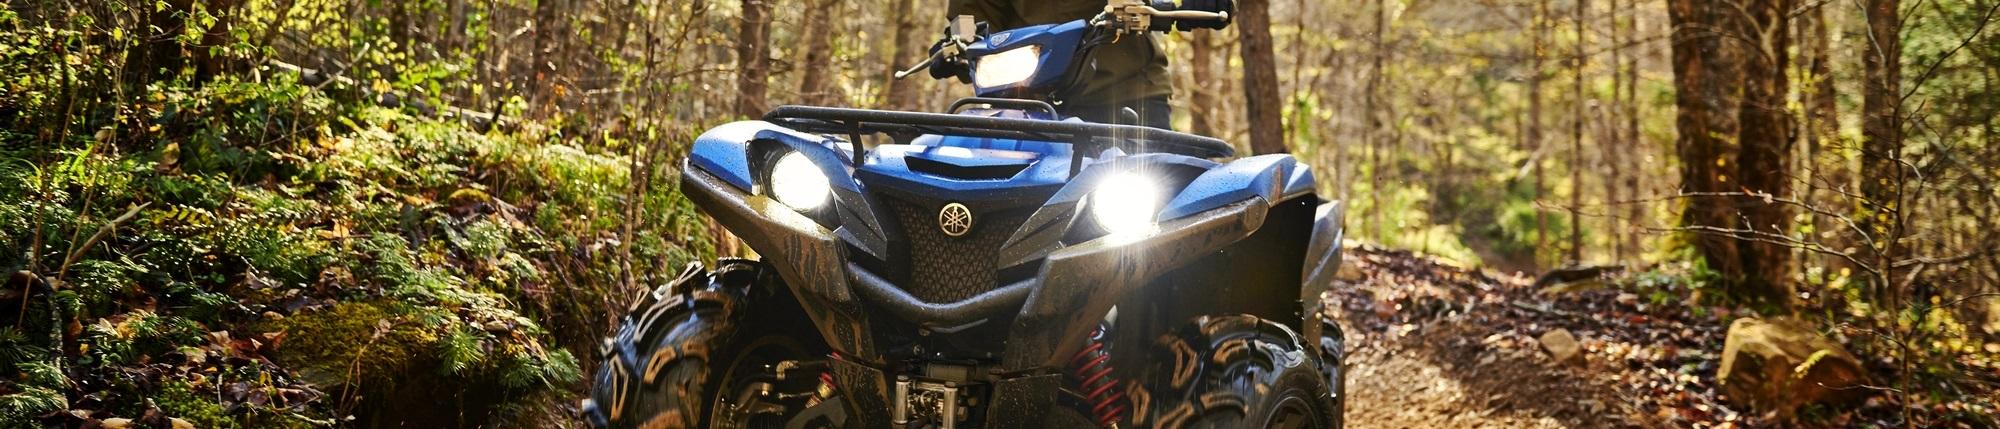 Yamaha YFM700 Grizzly - MotorCentrumWest